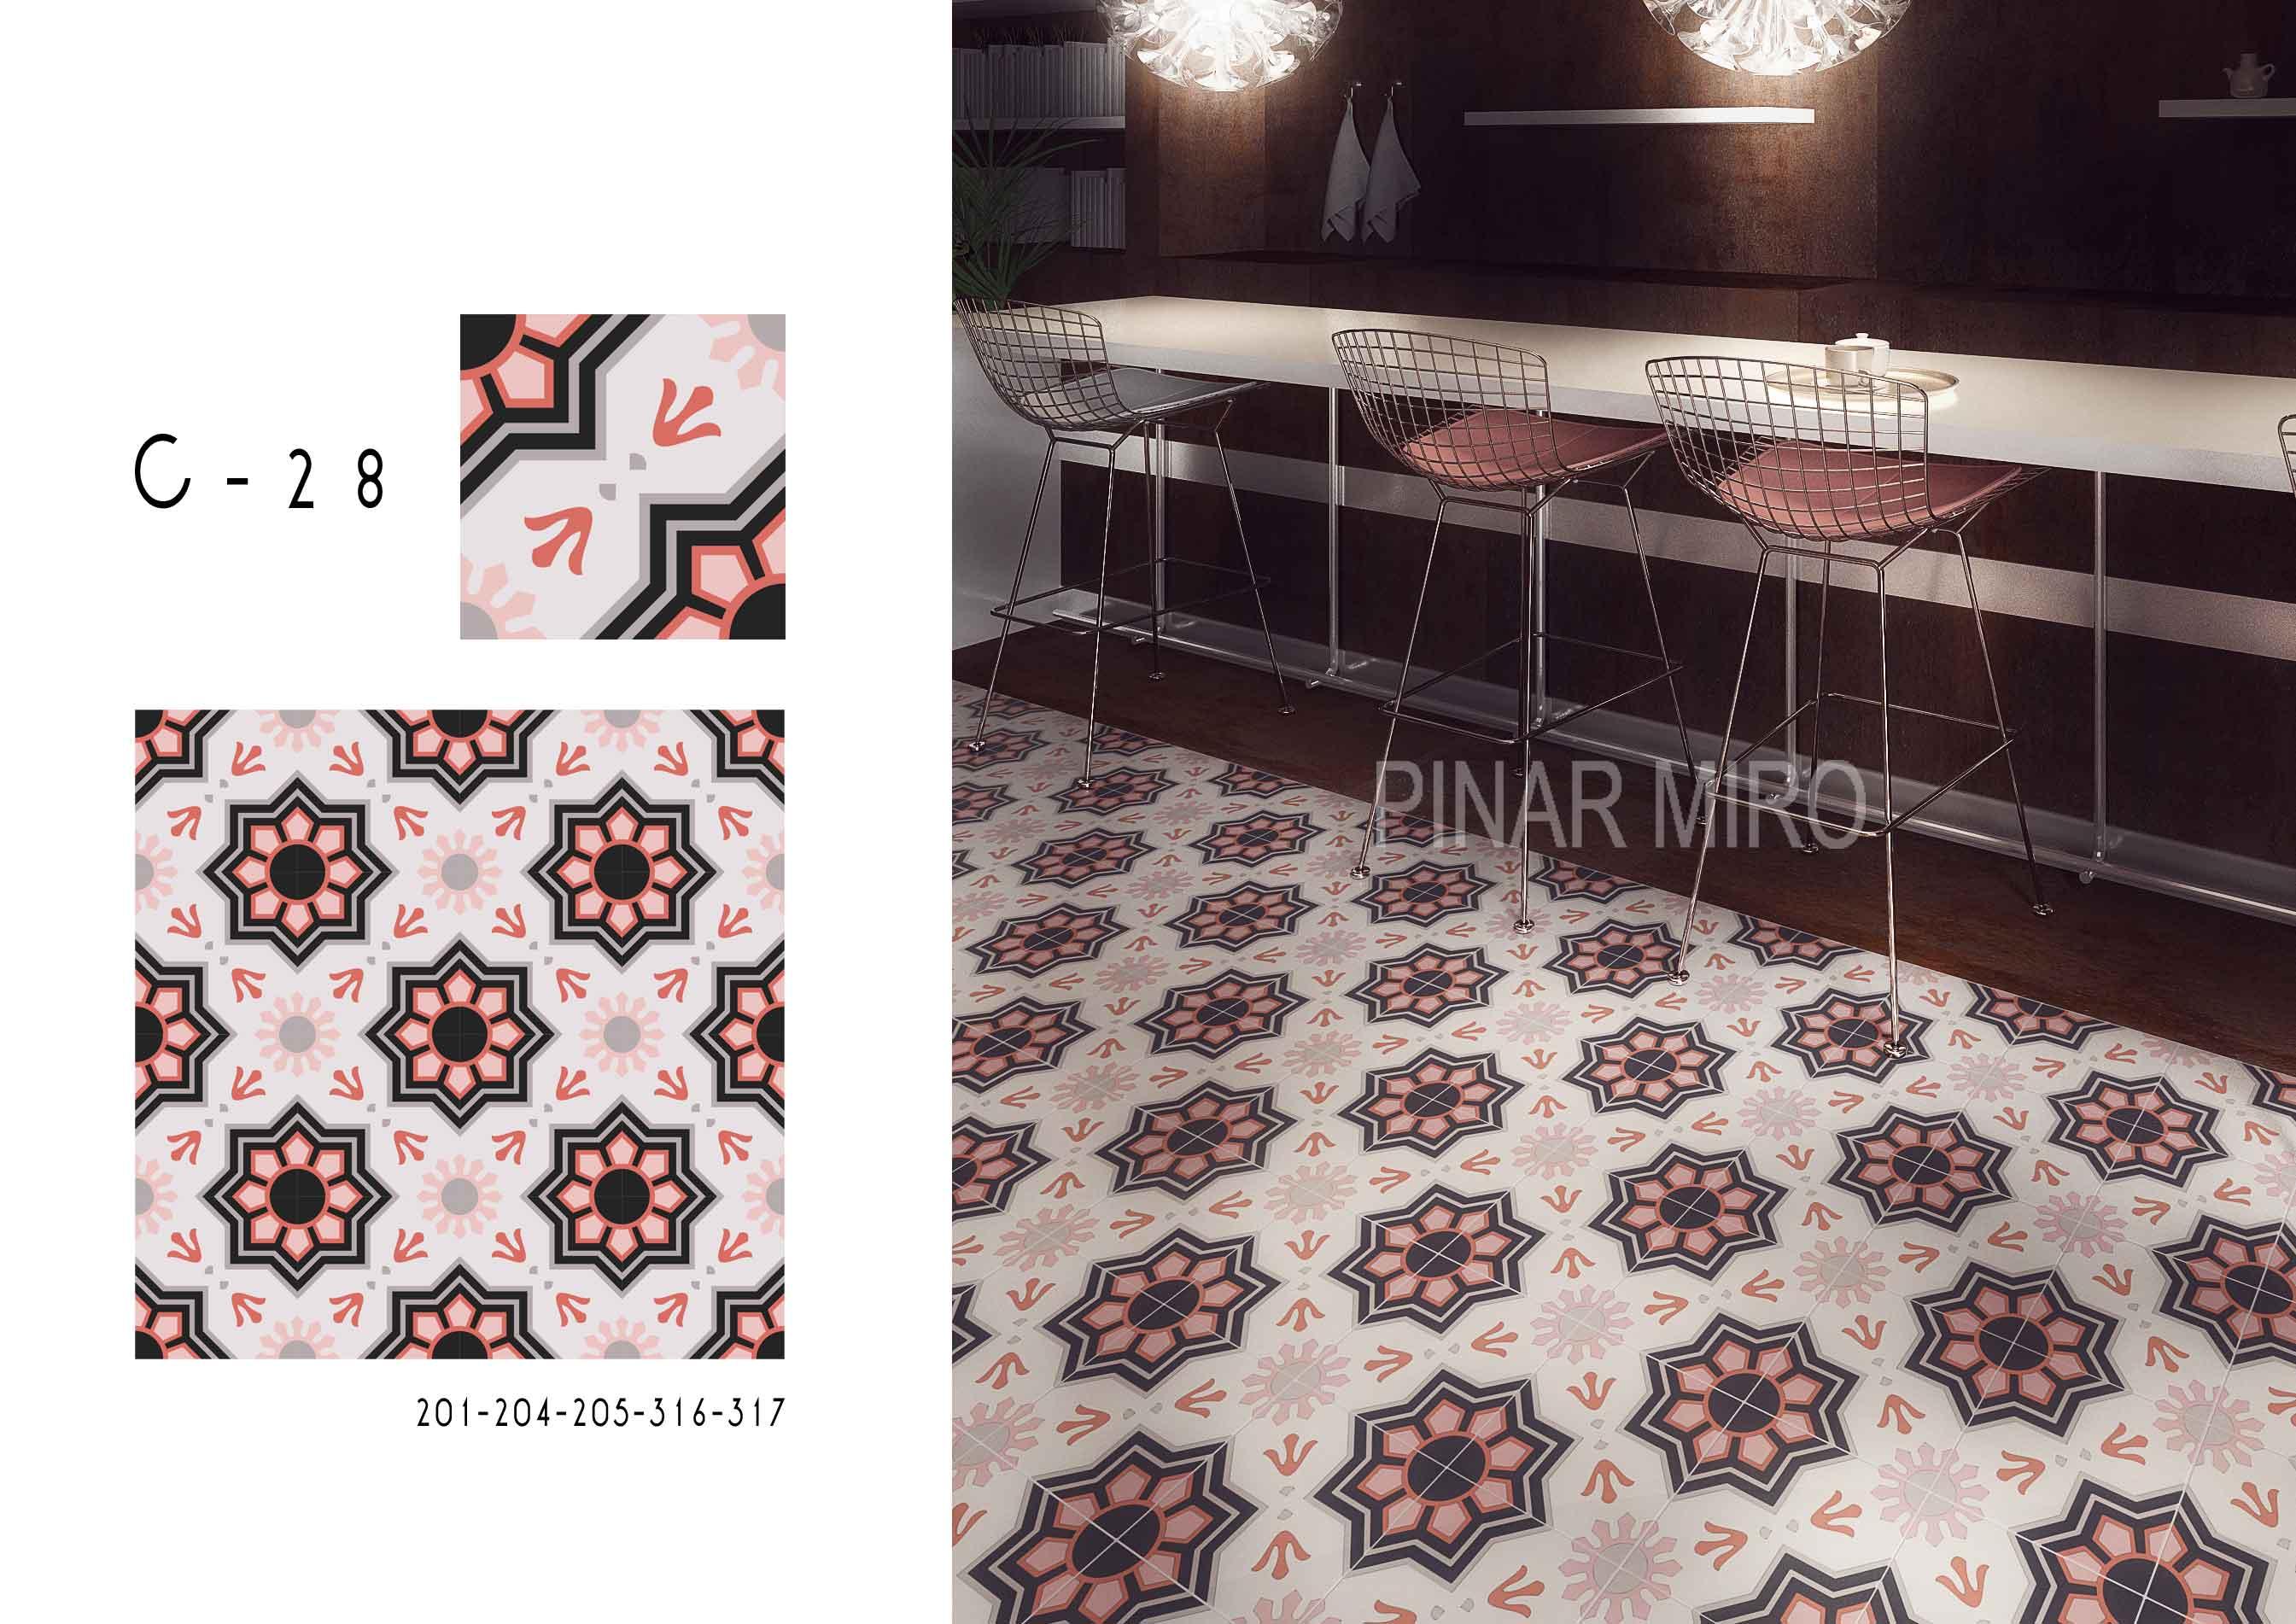 2-c028-pinar-miro-cement-tiles